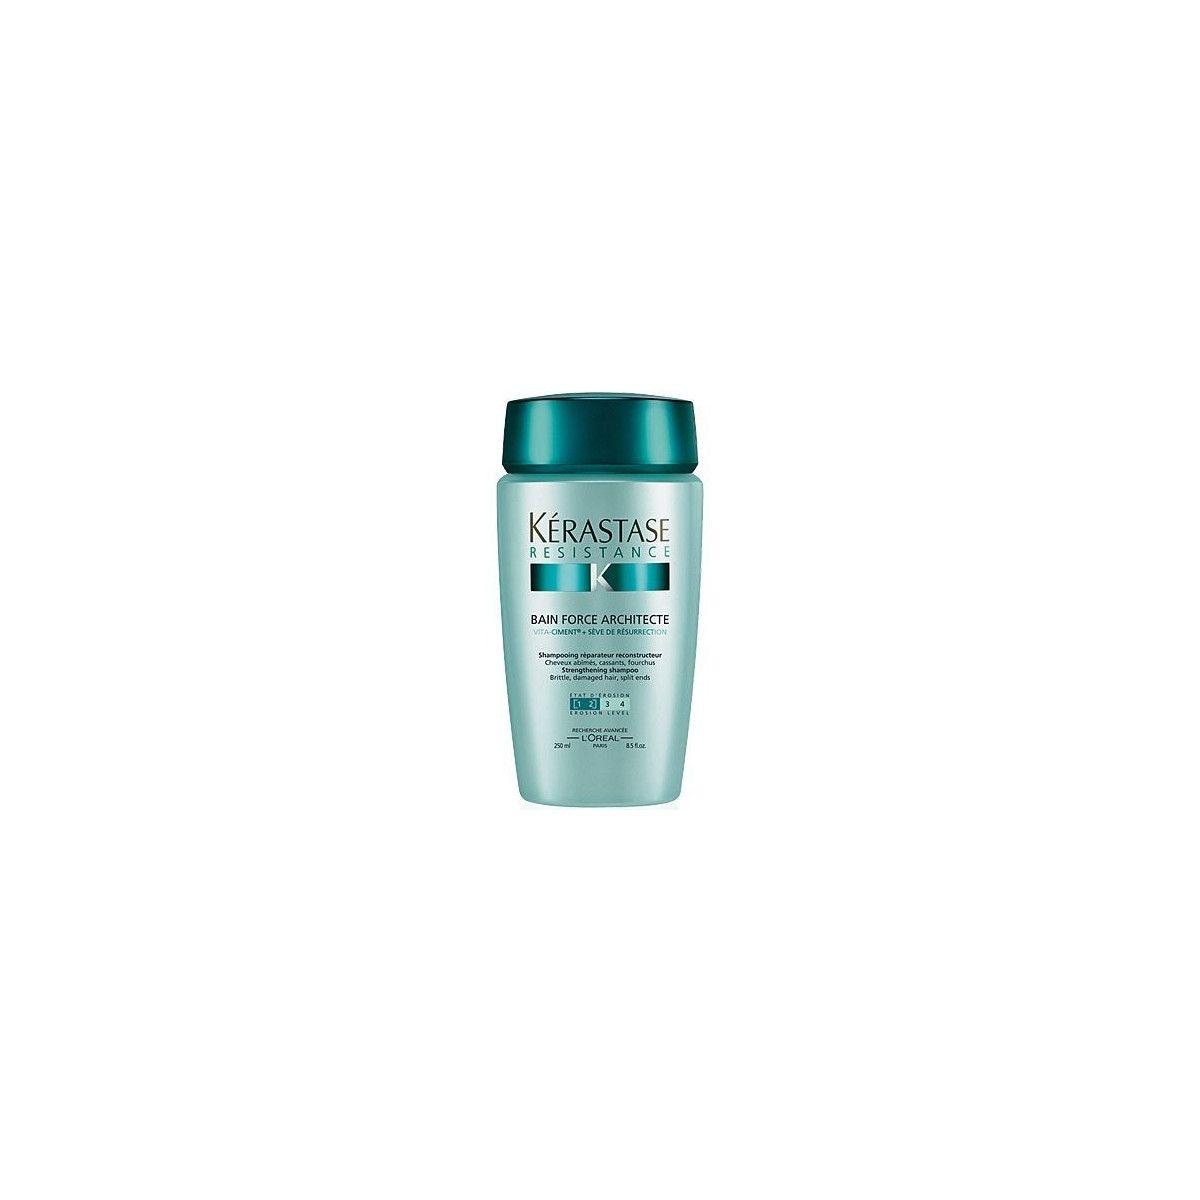 Kerastase Force Architecte szampon intensywnie regenerujący i nawilżający włosy 250ml